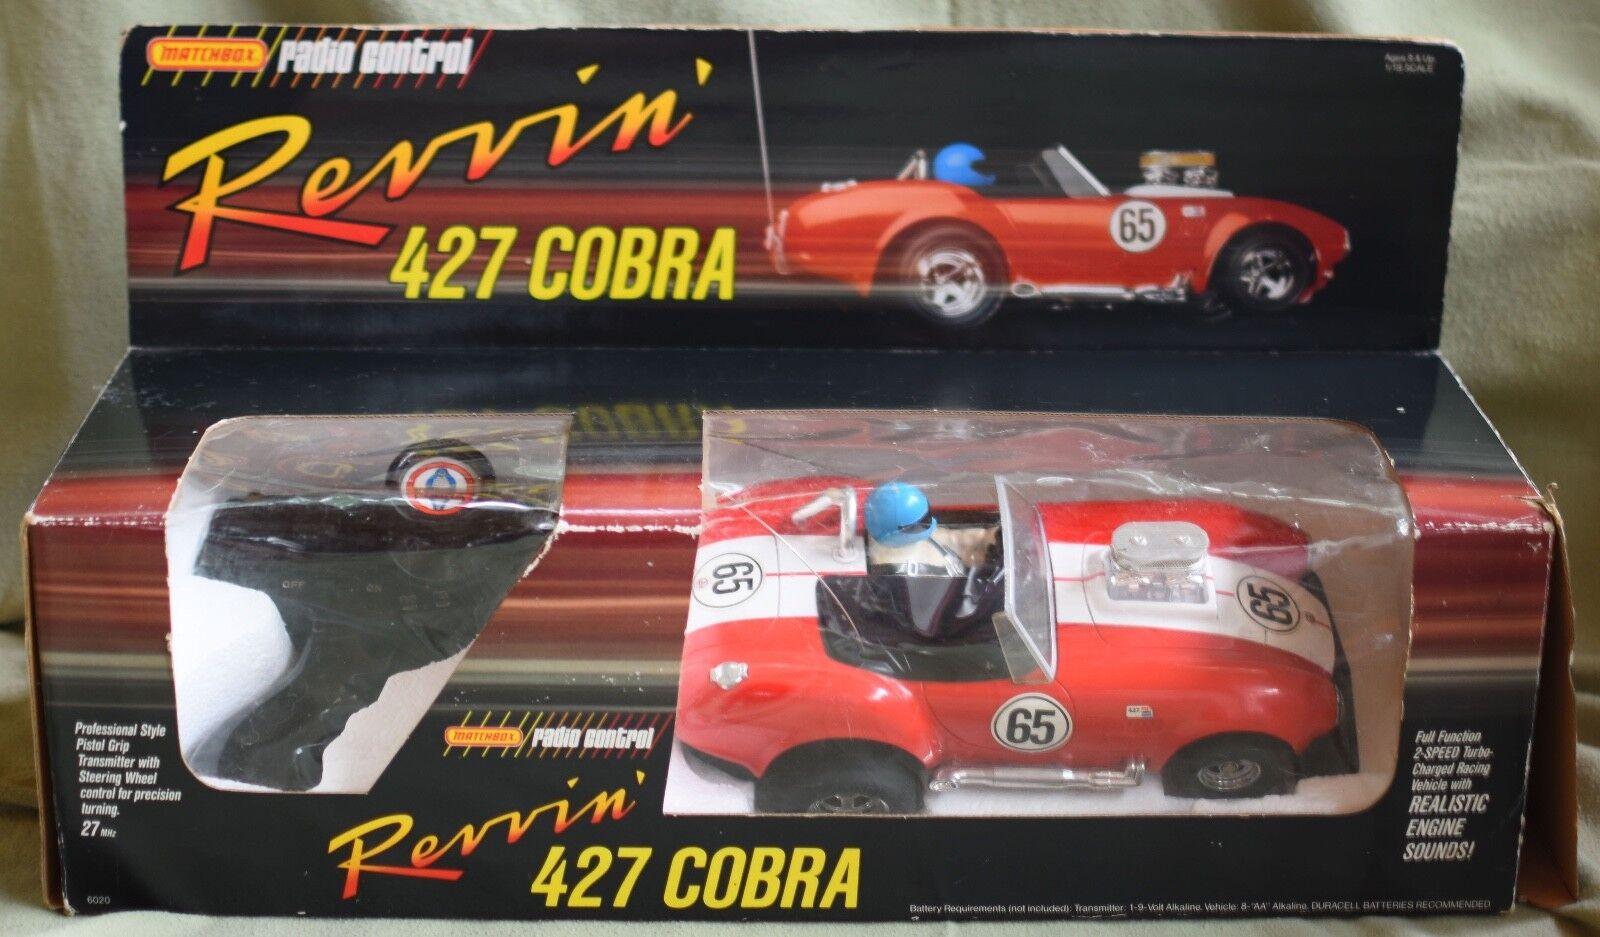 punto de venta Vintage 1987 Matchbox Radio Control 1 18 revvin 'Revin' 'Revin' 'Revin' cobra 427 Menta en Caja Con Caja  los nuevos estilos calientes